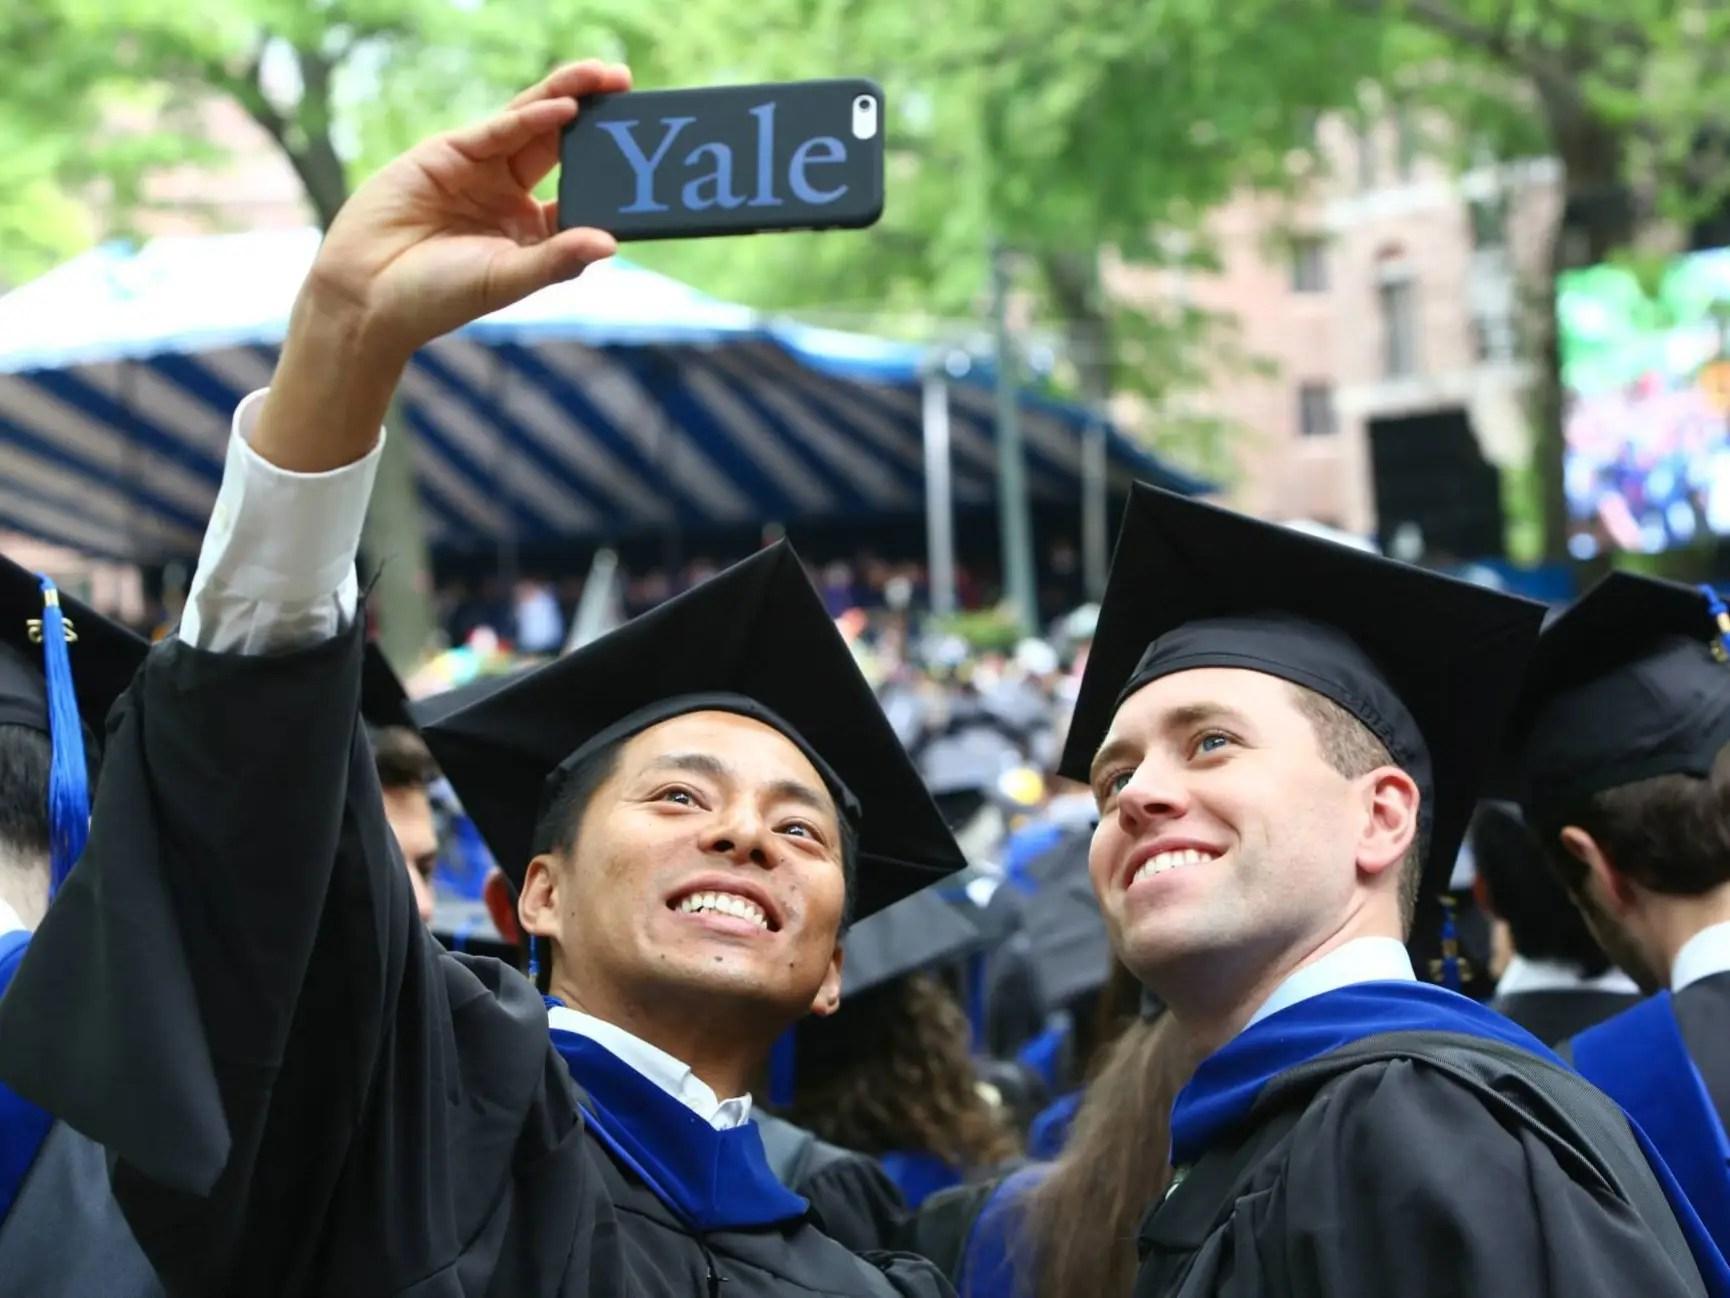 6. Yale University